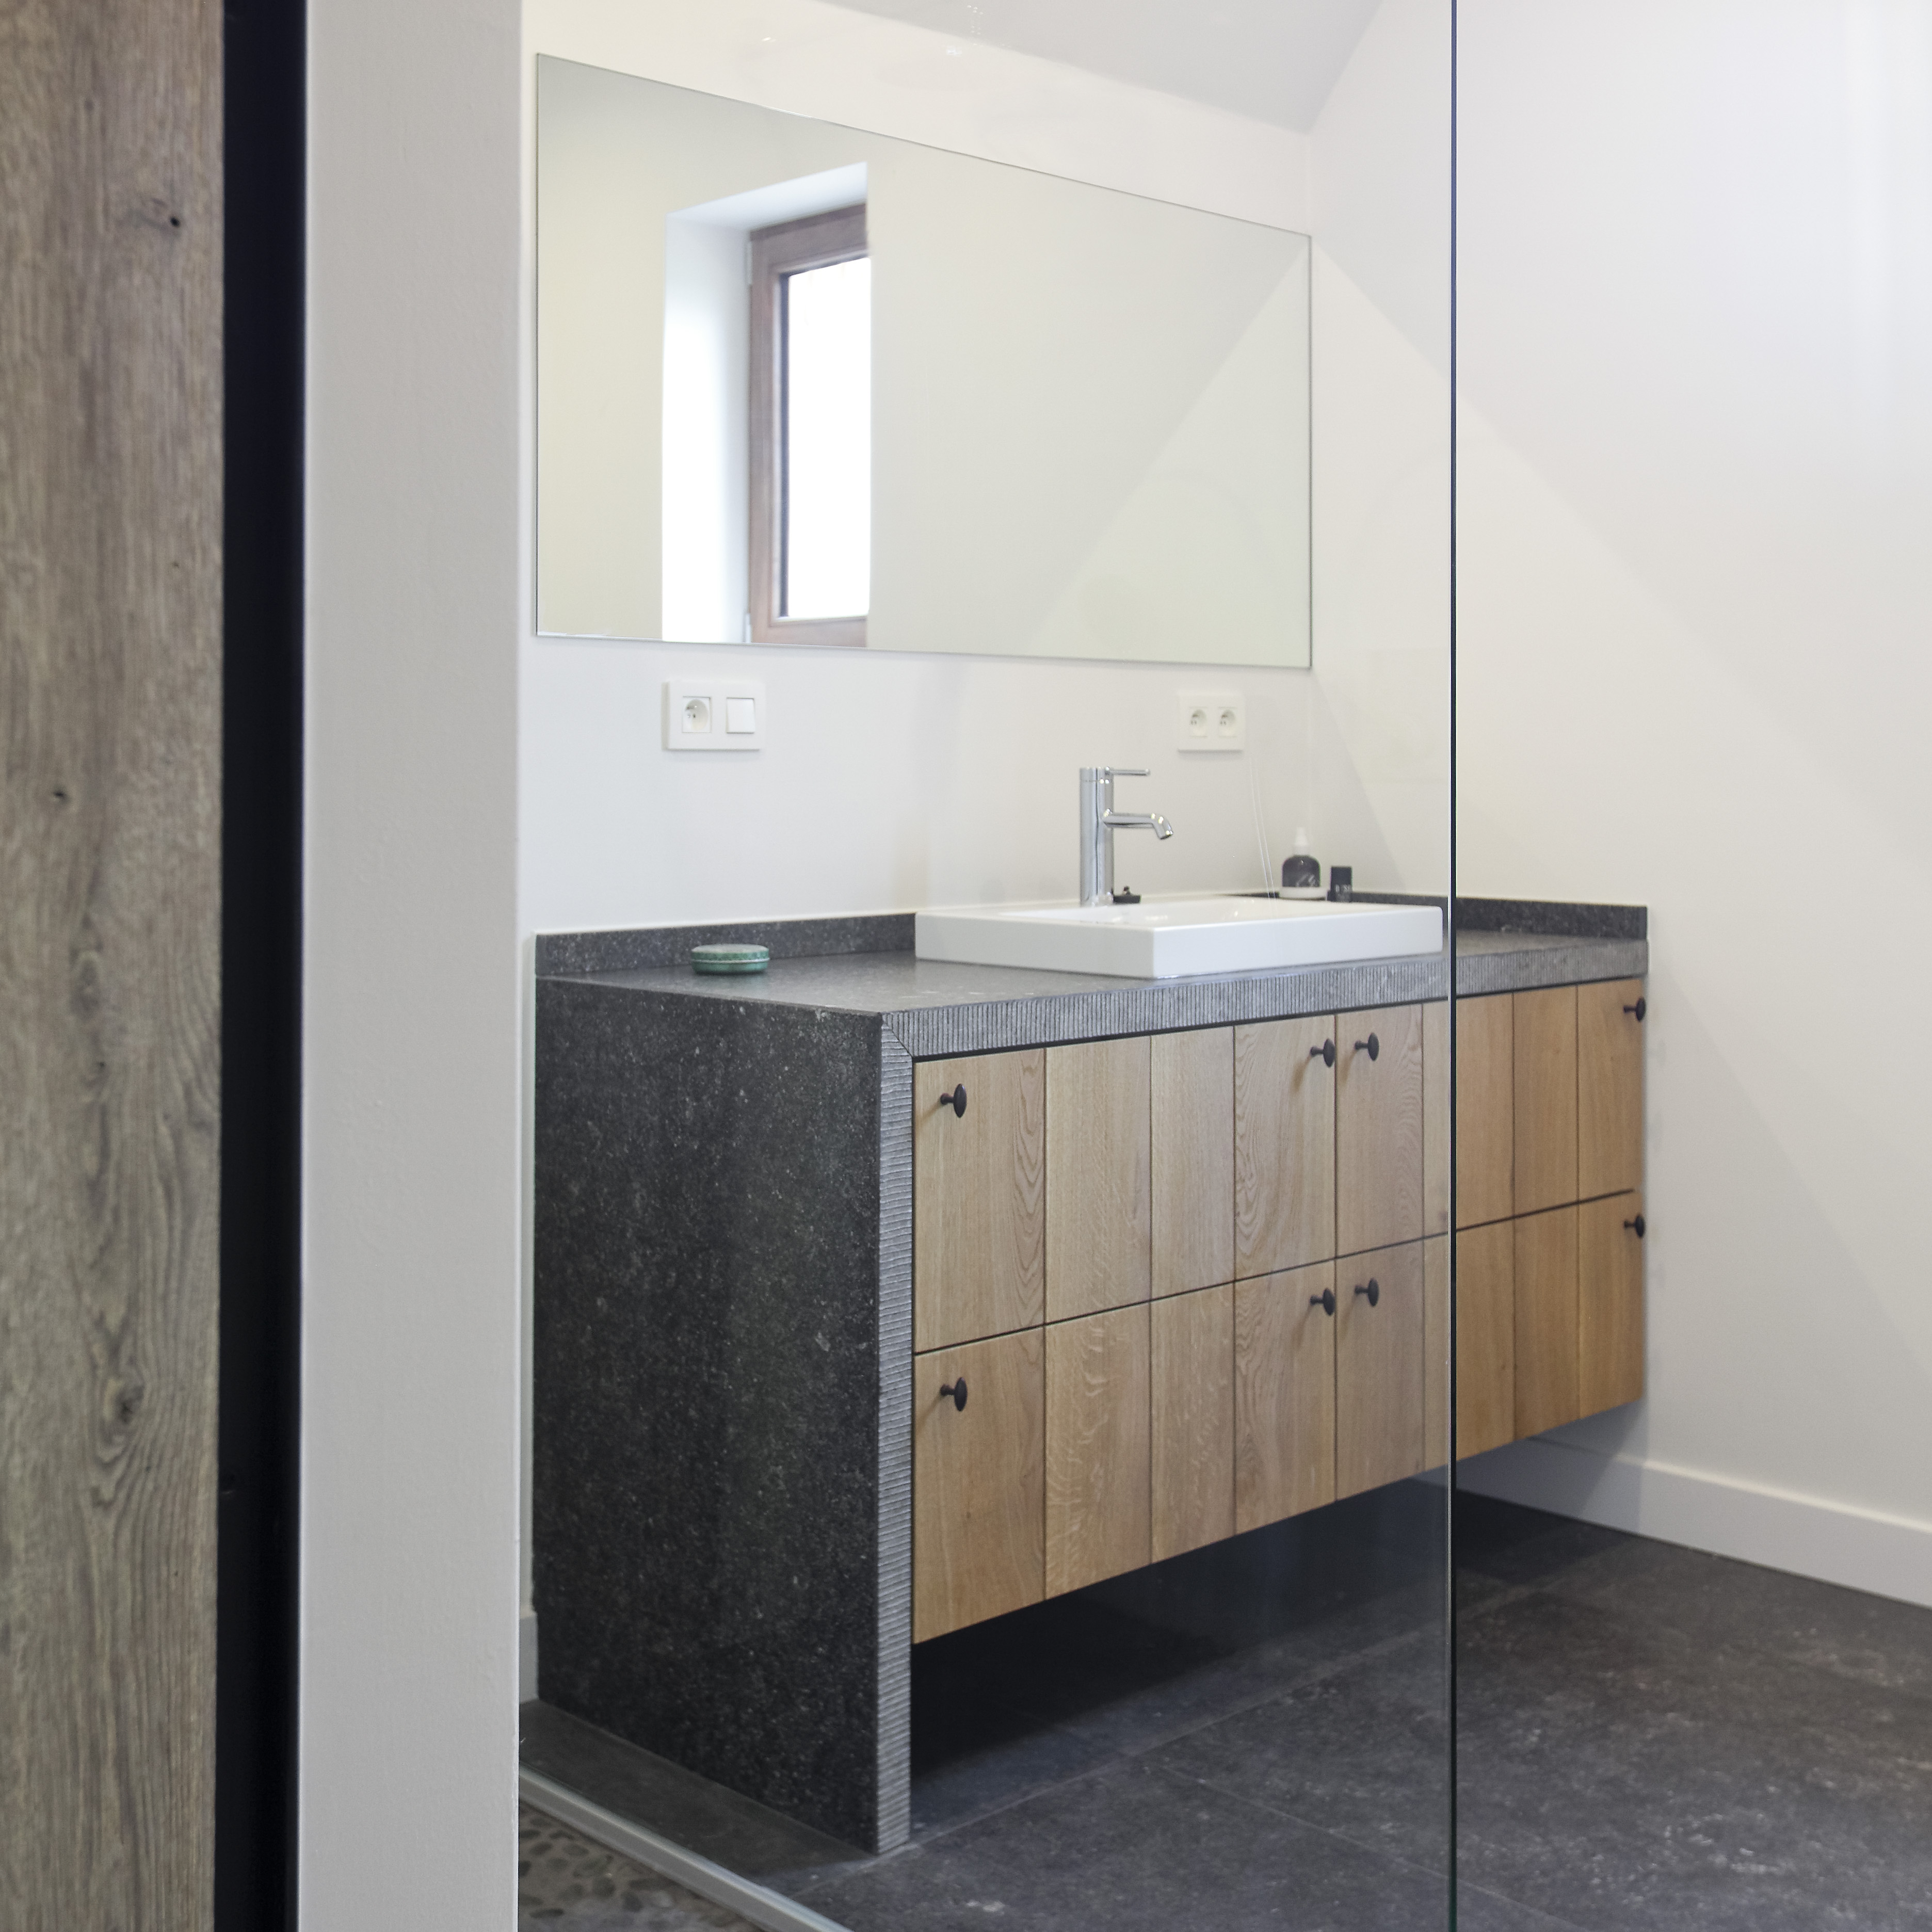 Badkamer ideeen landelijk: landelijke badkamer in de slaapkamer ...